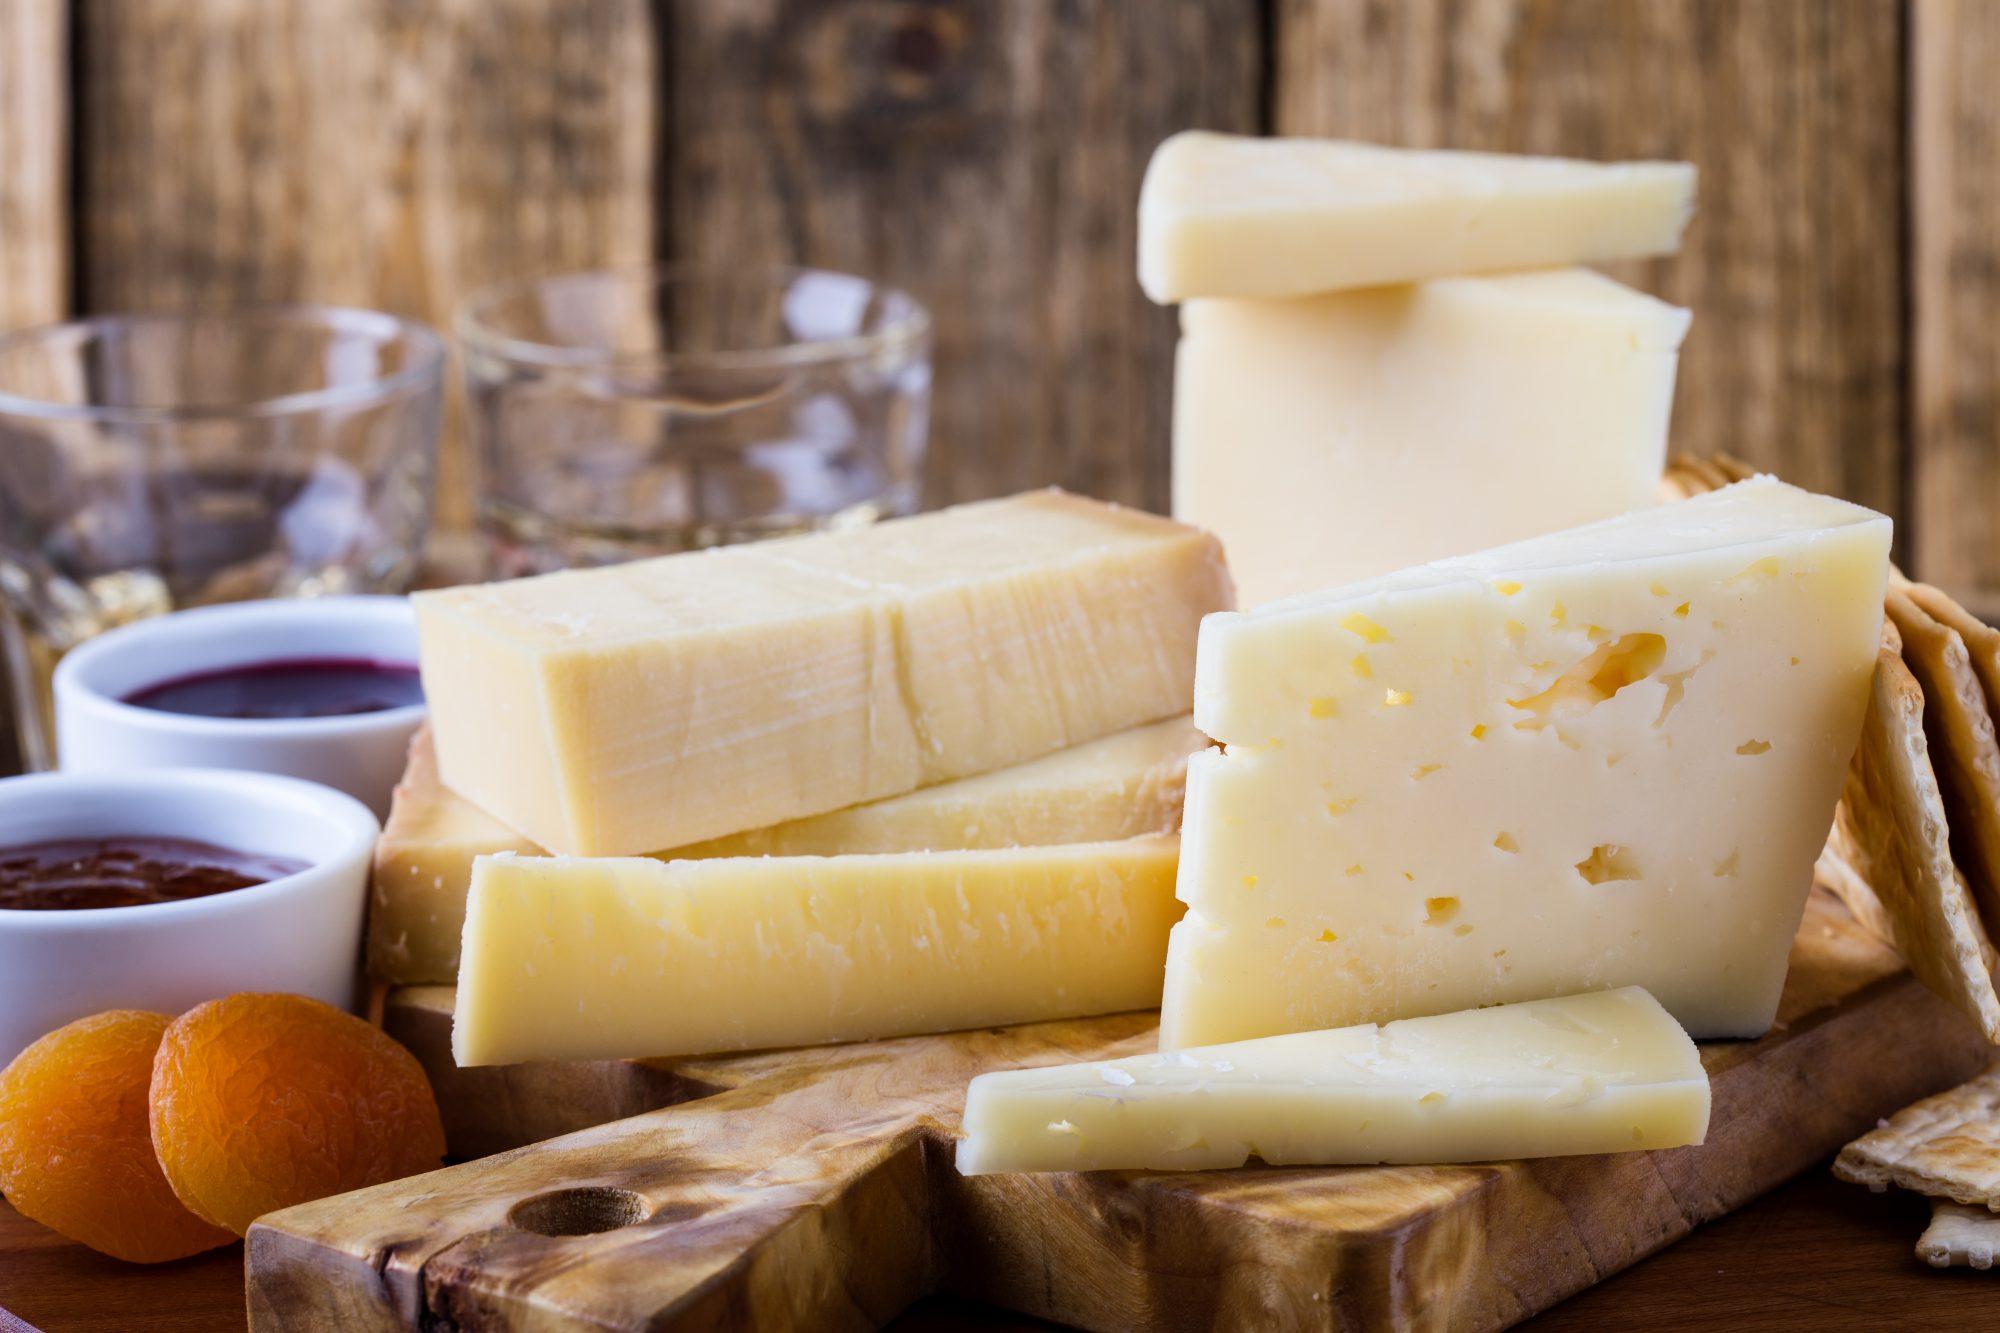 奶酪控/芝士控速来!原来奶酪还有这么多不为人知的知识